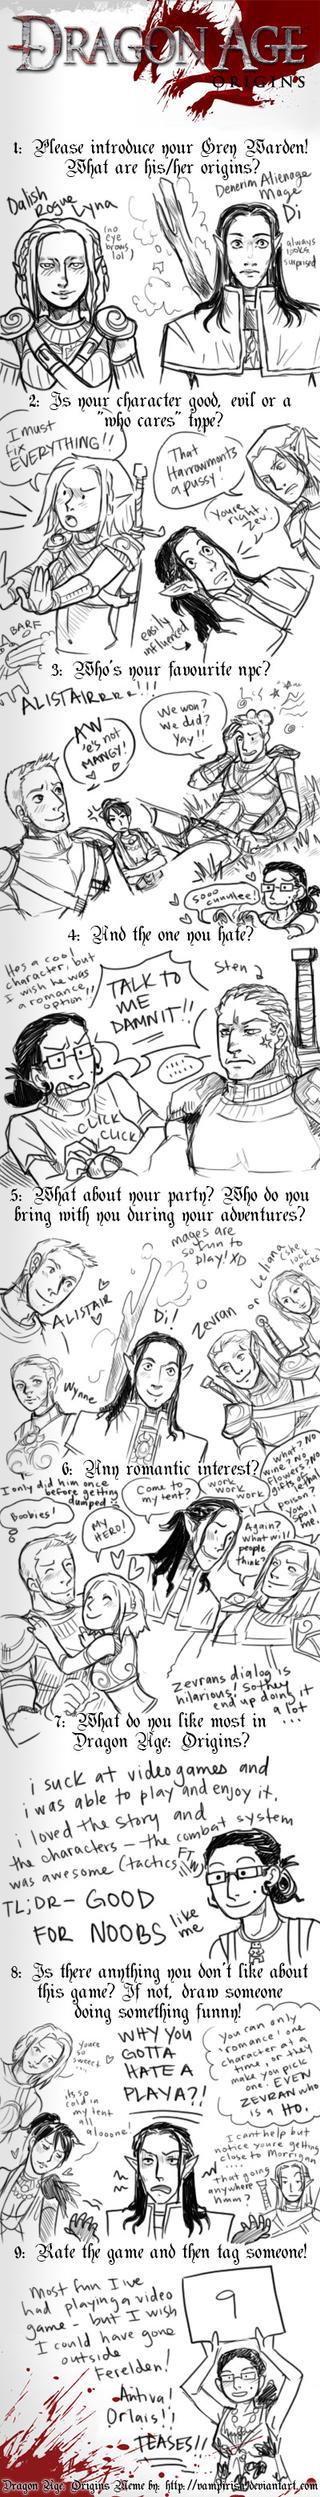 Dragon Age Meme by DeannaEchanique